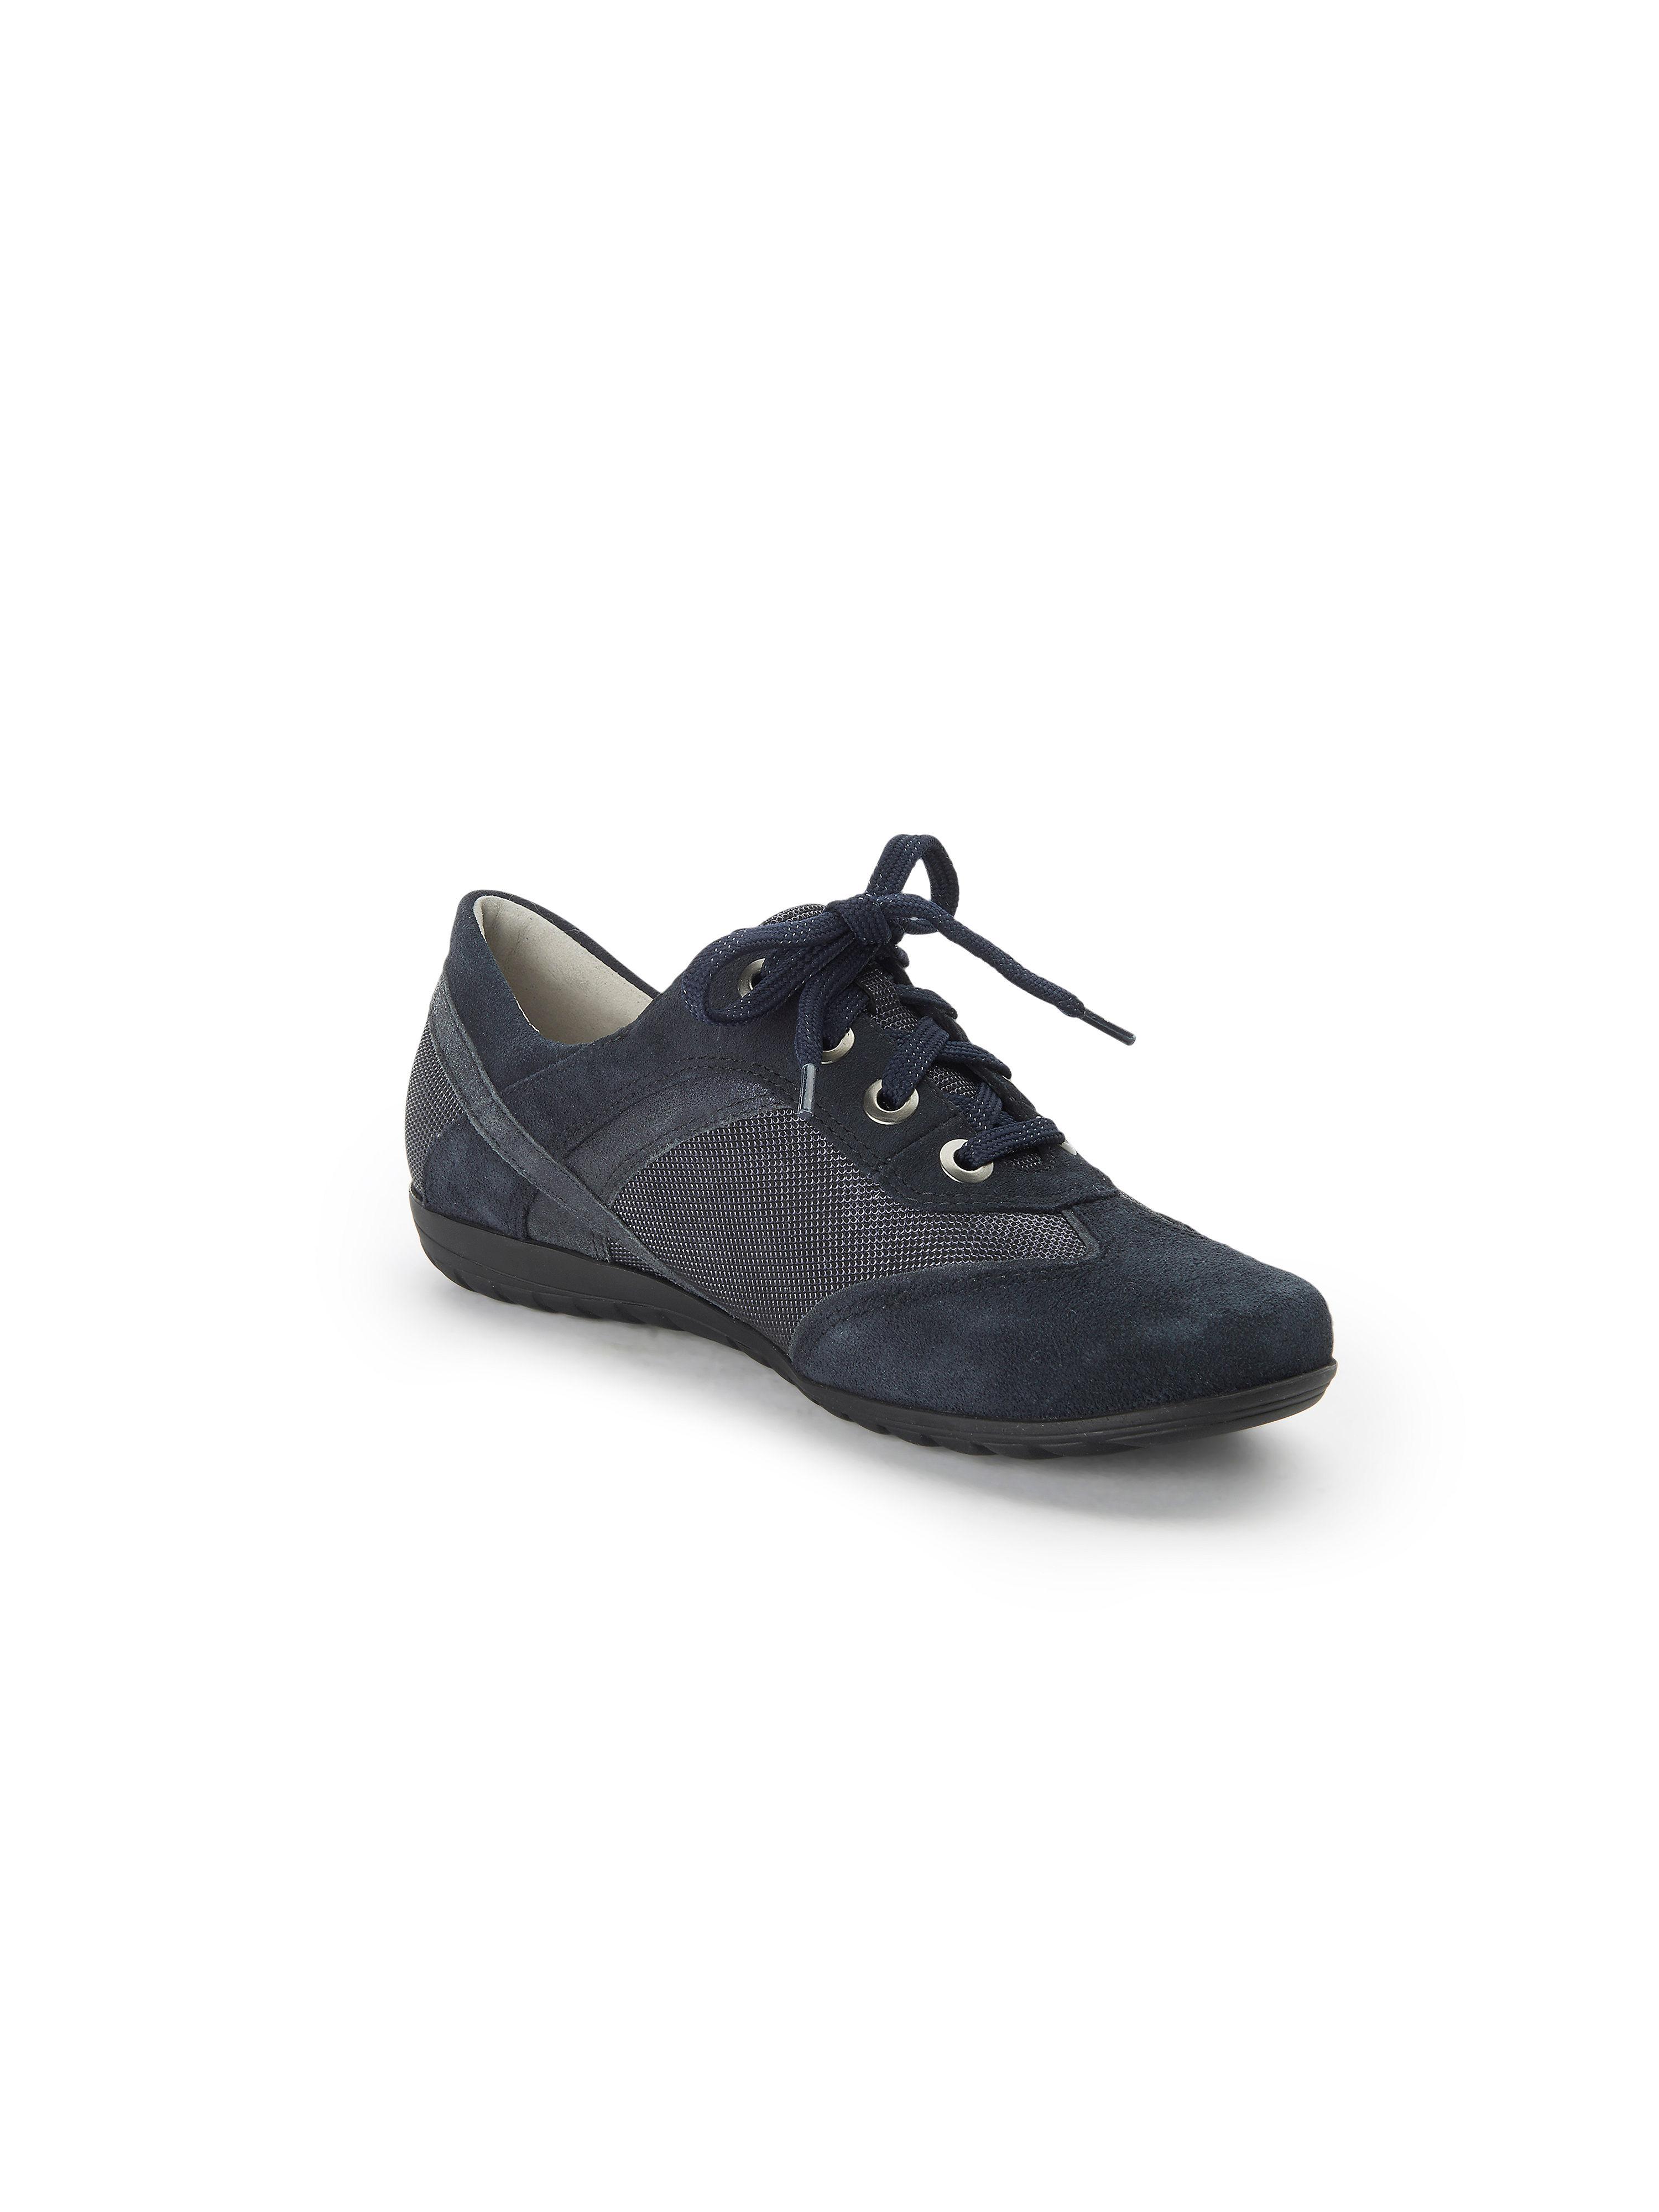 Waldläufer - Schnürer Hesima aus 100% Leder - Meerblau Gute Qualität beliebte Schuhe